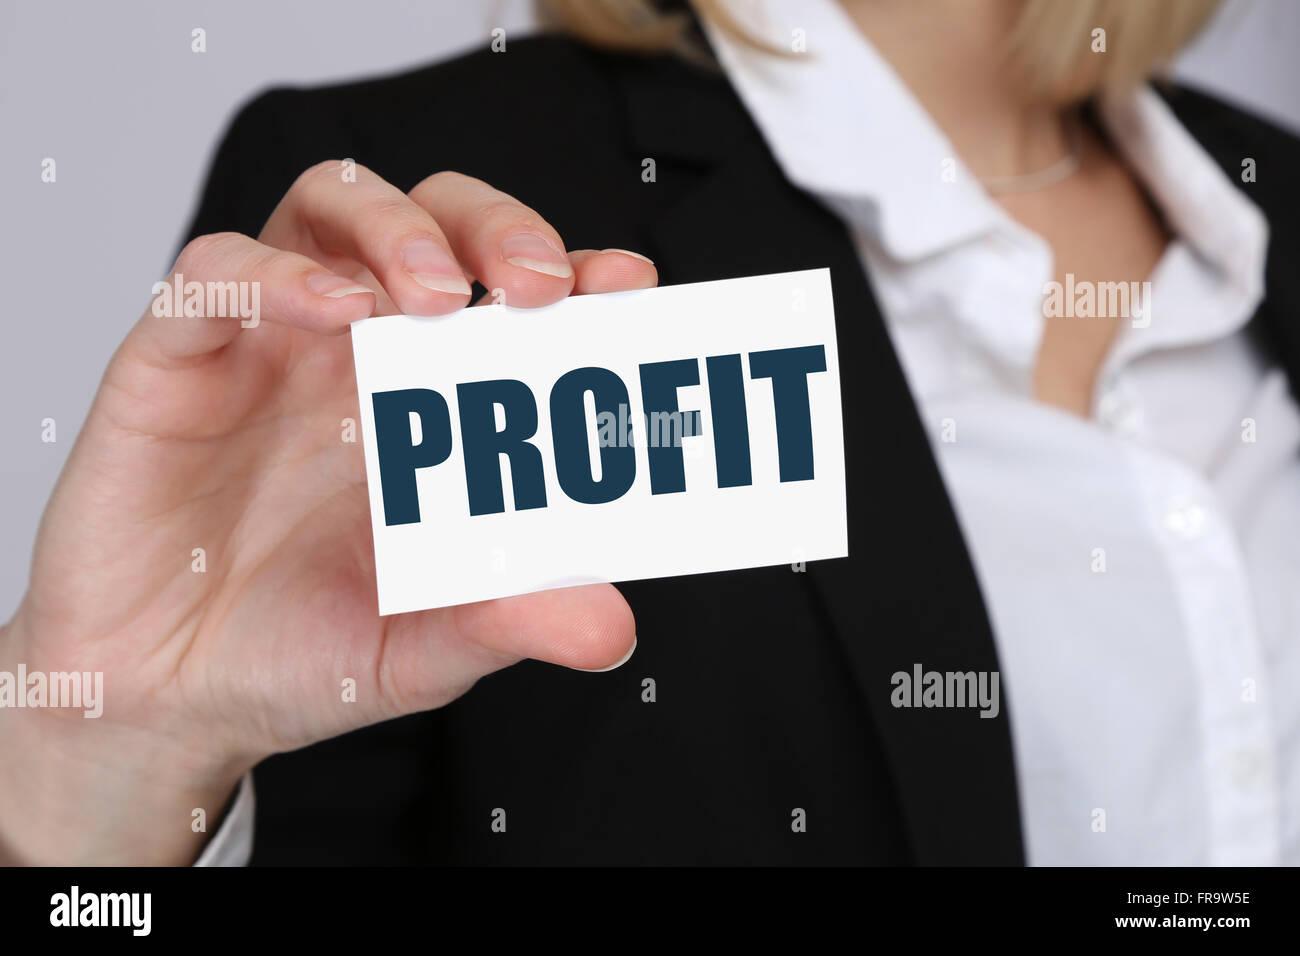 Gewinn Führung Finanzerfolg Geschäftskonzept erfolgreich Stockfoto